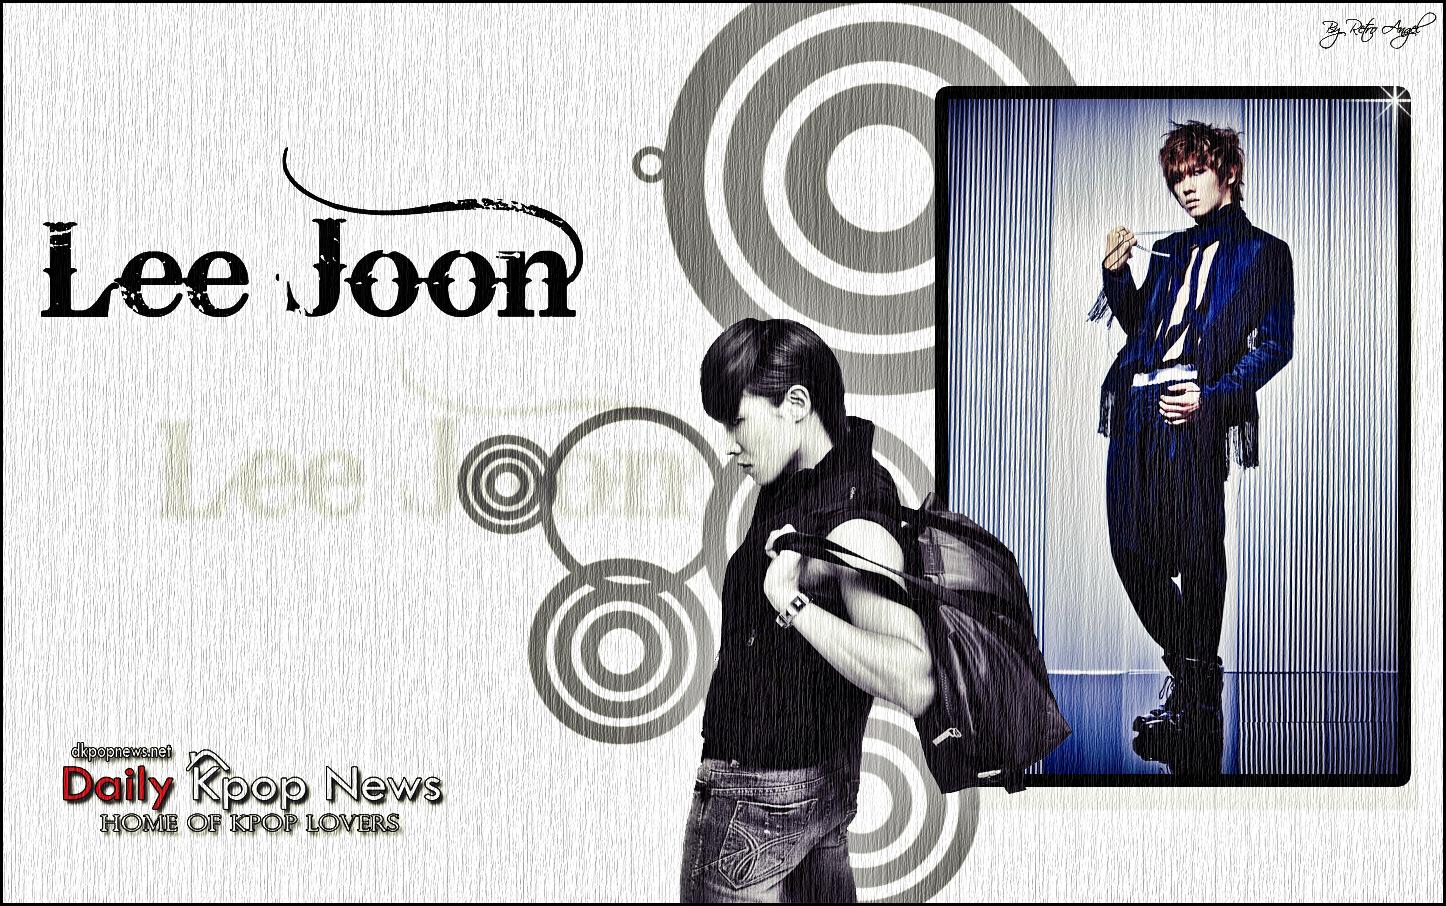 صور لفرقة MBLAQ من تجميعي Leejoon